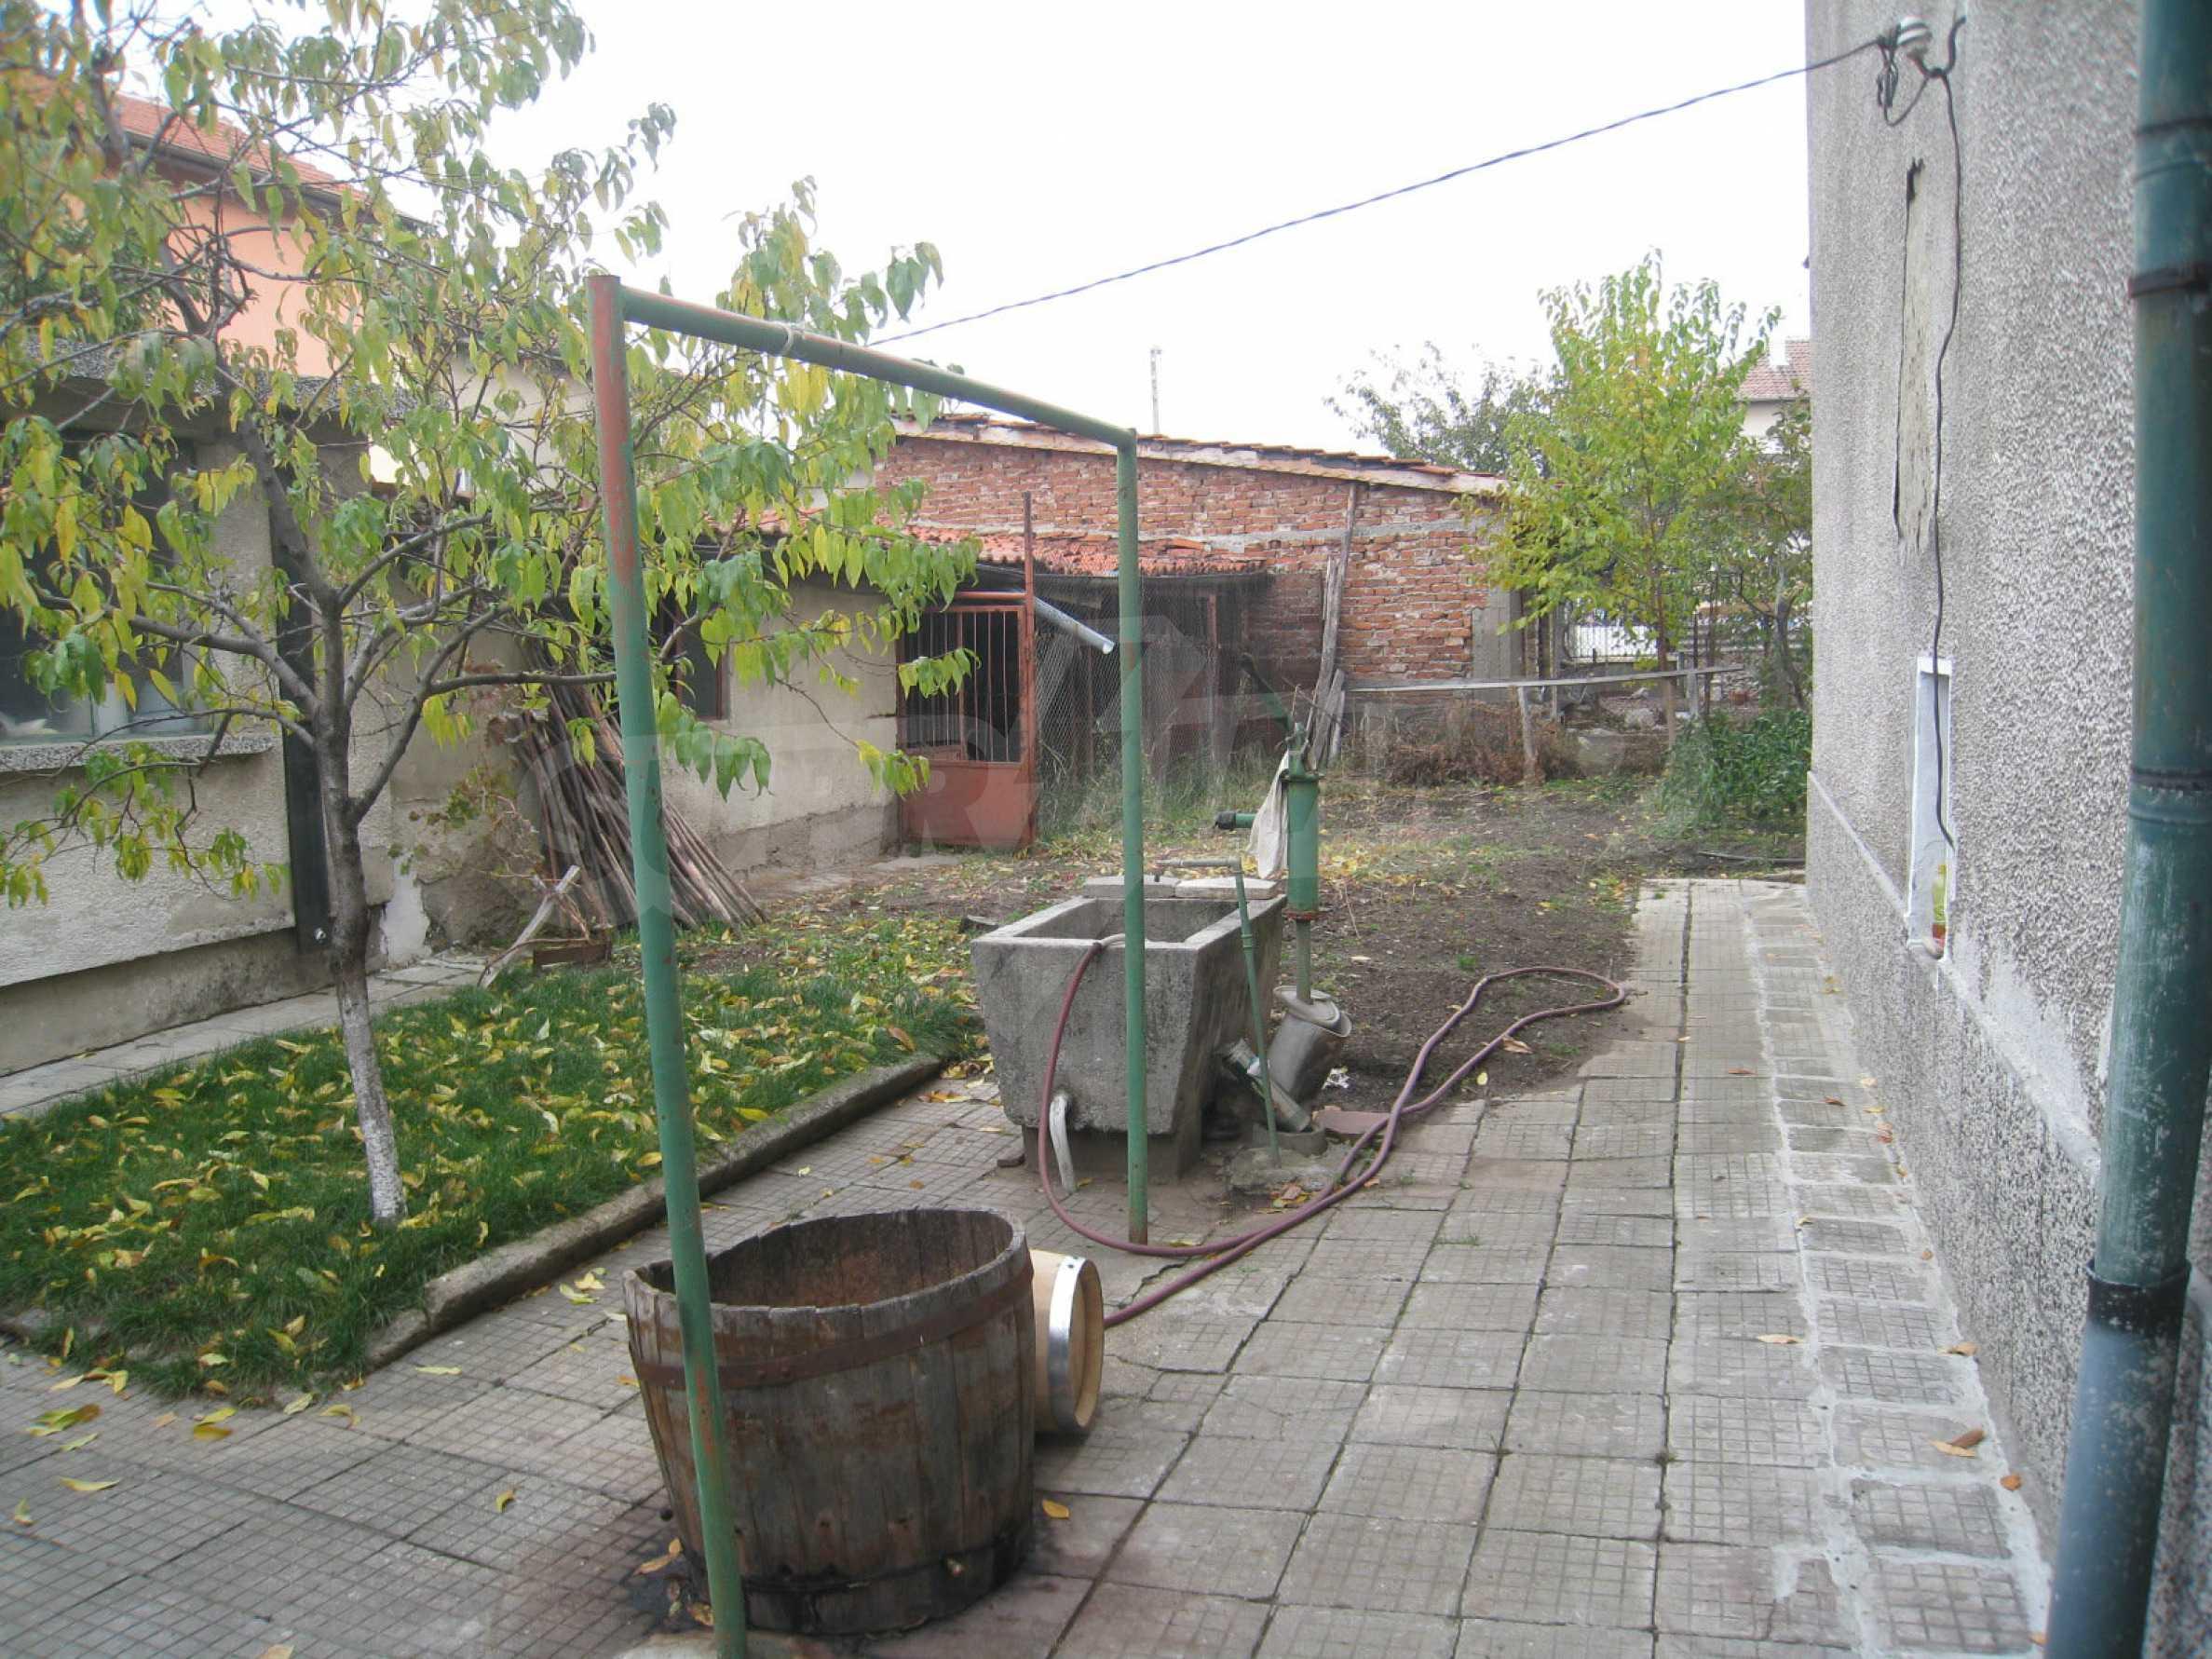 Großes zweistöckiges Haus mit Hof in einem Dorf in der Nähe von Sofia 65